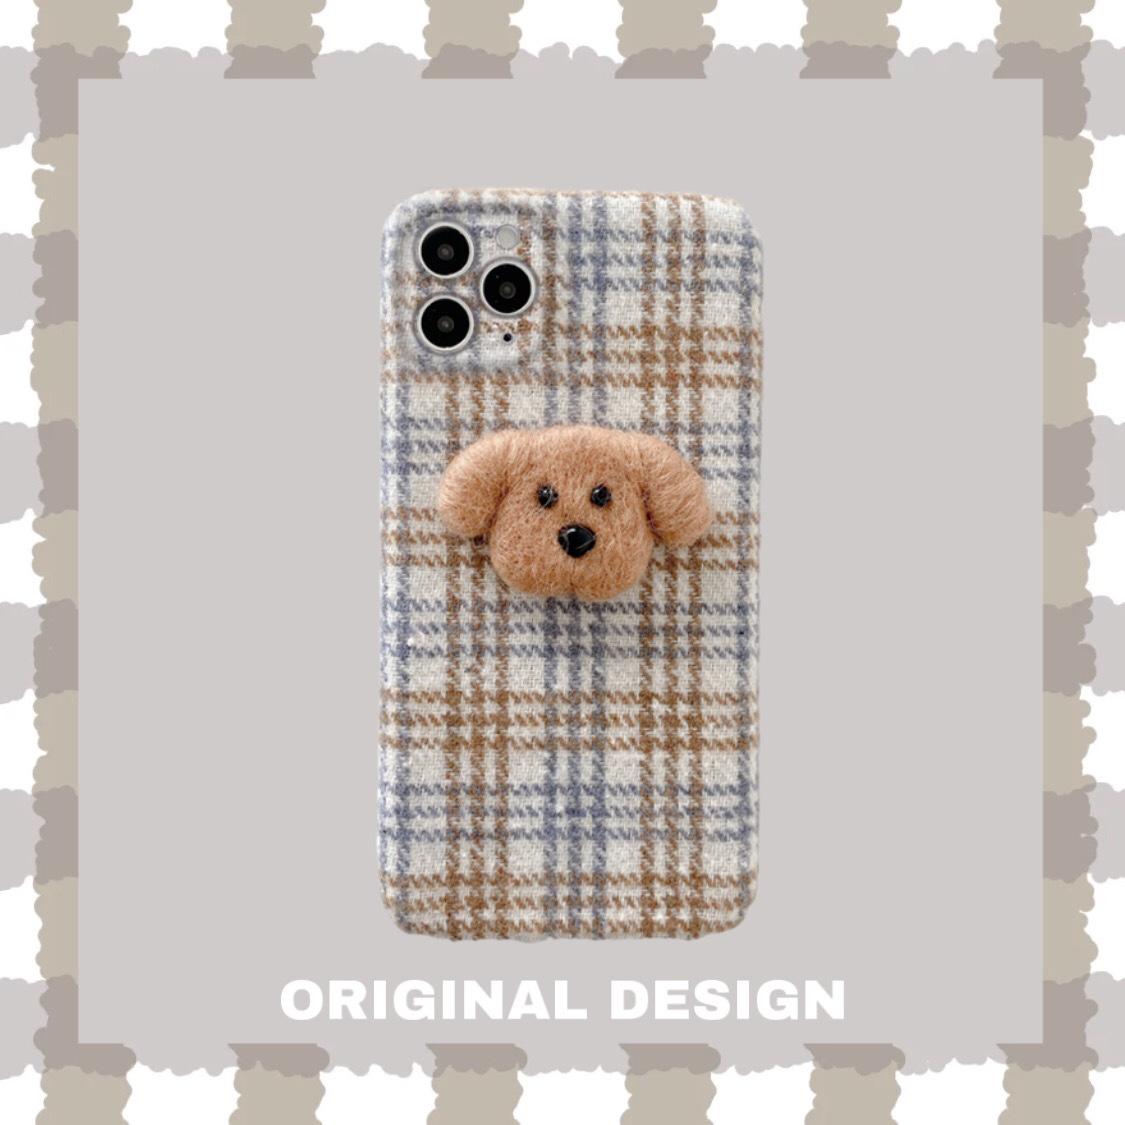 中國代購|中國批發-ibuy99|iphone 7 plus|小香风绒布格适用苹果11pro/12手机壳全包镜头iPhone7/8plus/Xs套